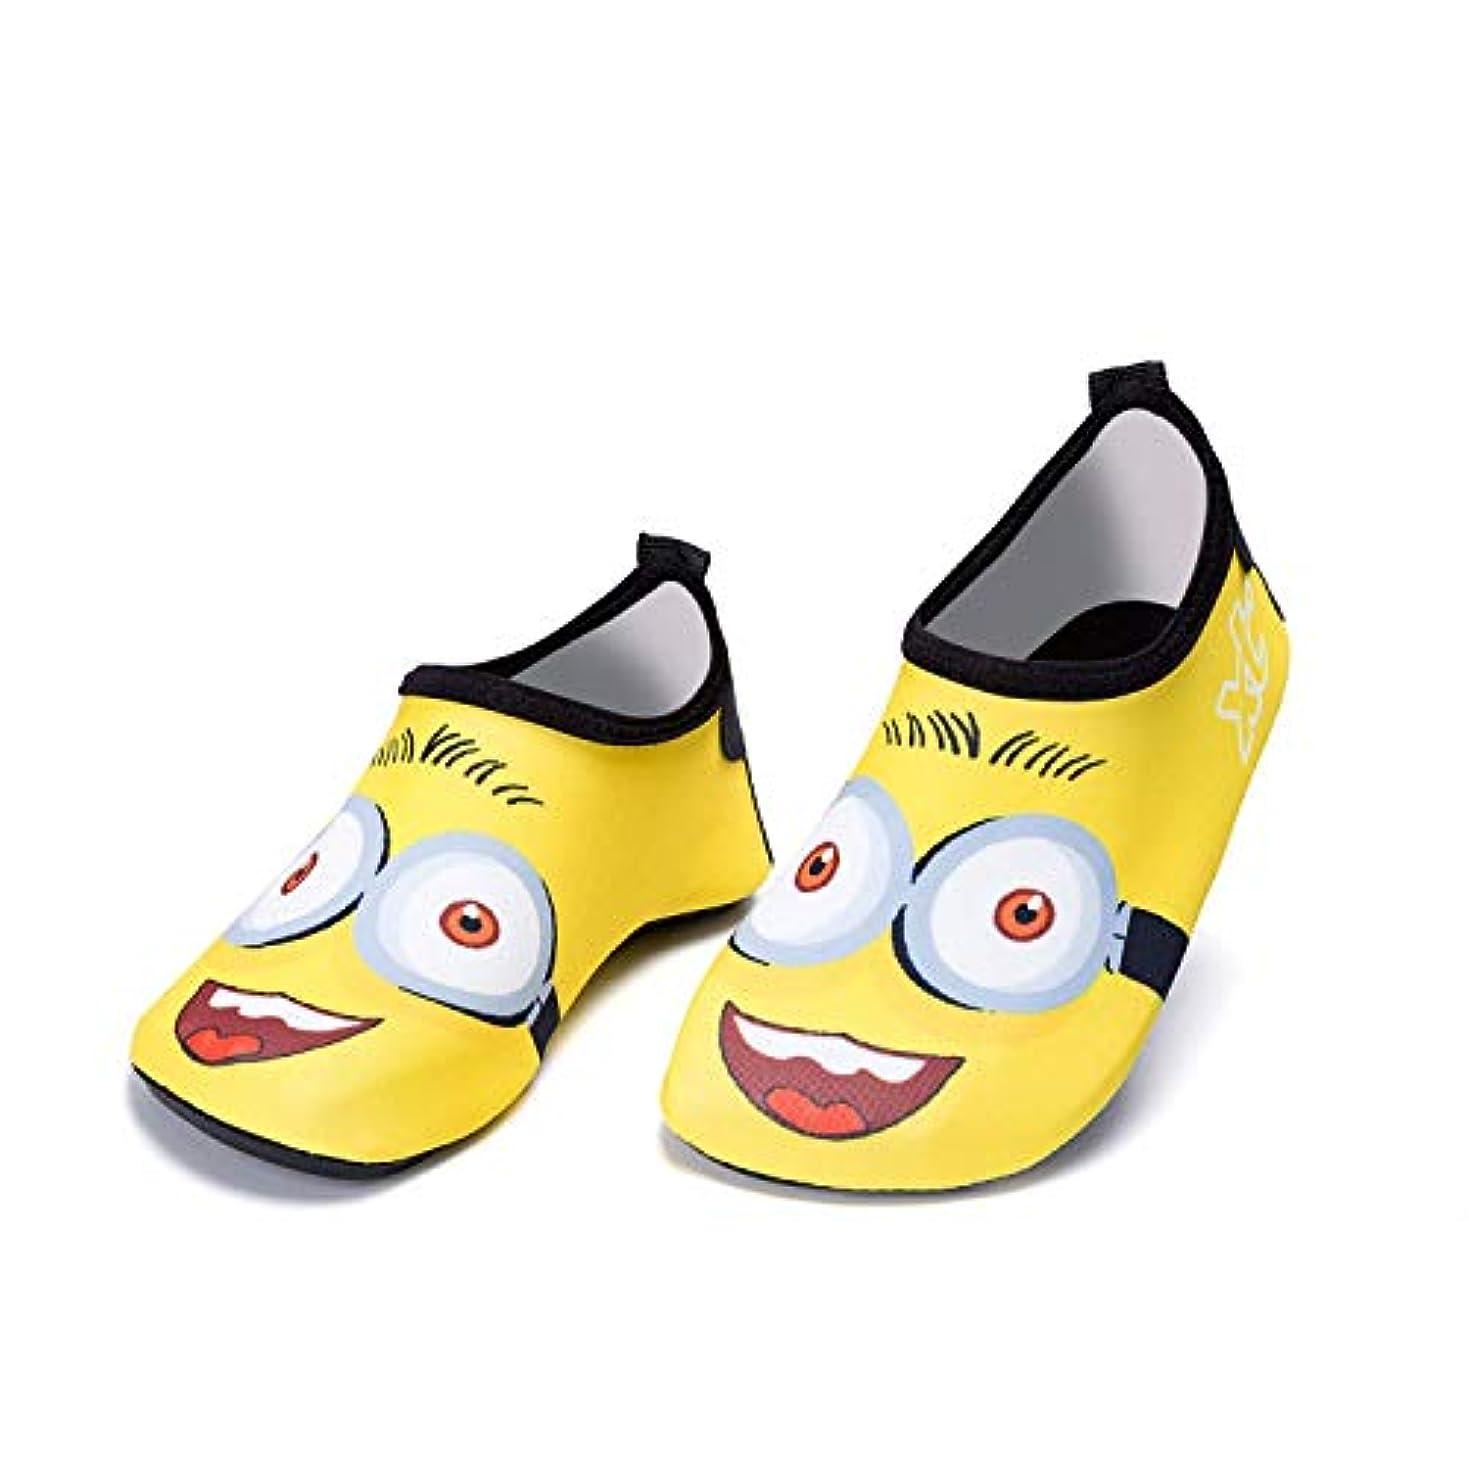 博物館絶滅文水の靴、子供のビーチシューズ柔らかい底通気性の上流の靴裸足肌柔らかい靴ダイビングシューズ (Color : Yellow, Size : EU-26)